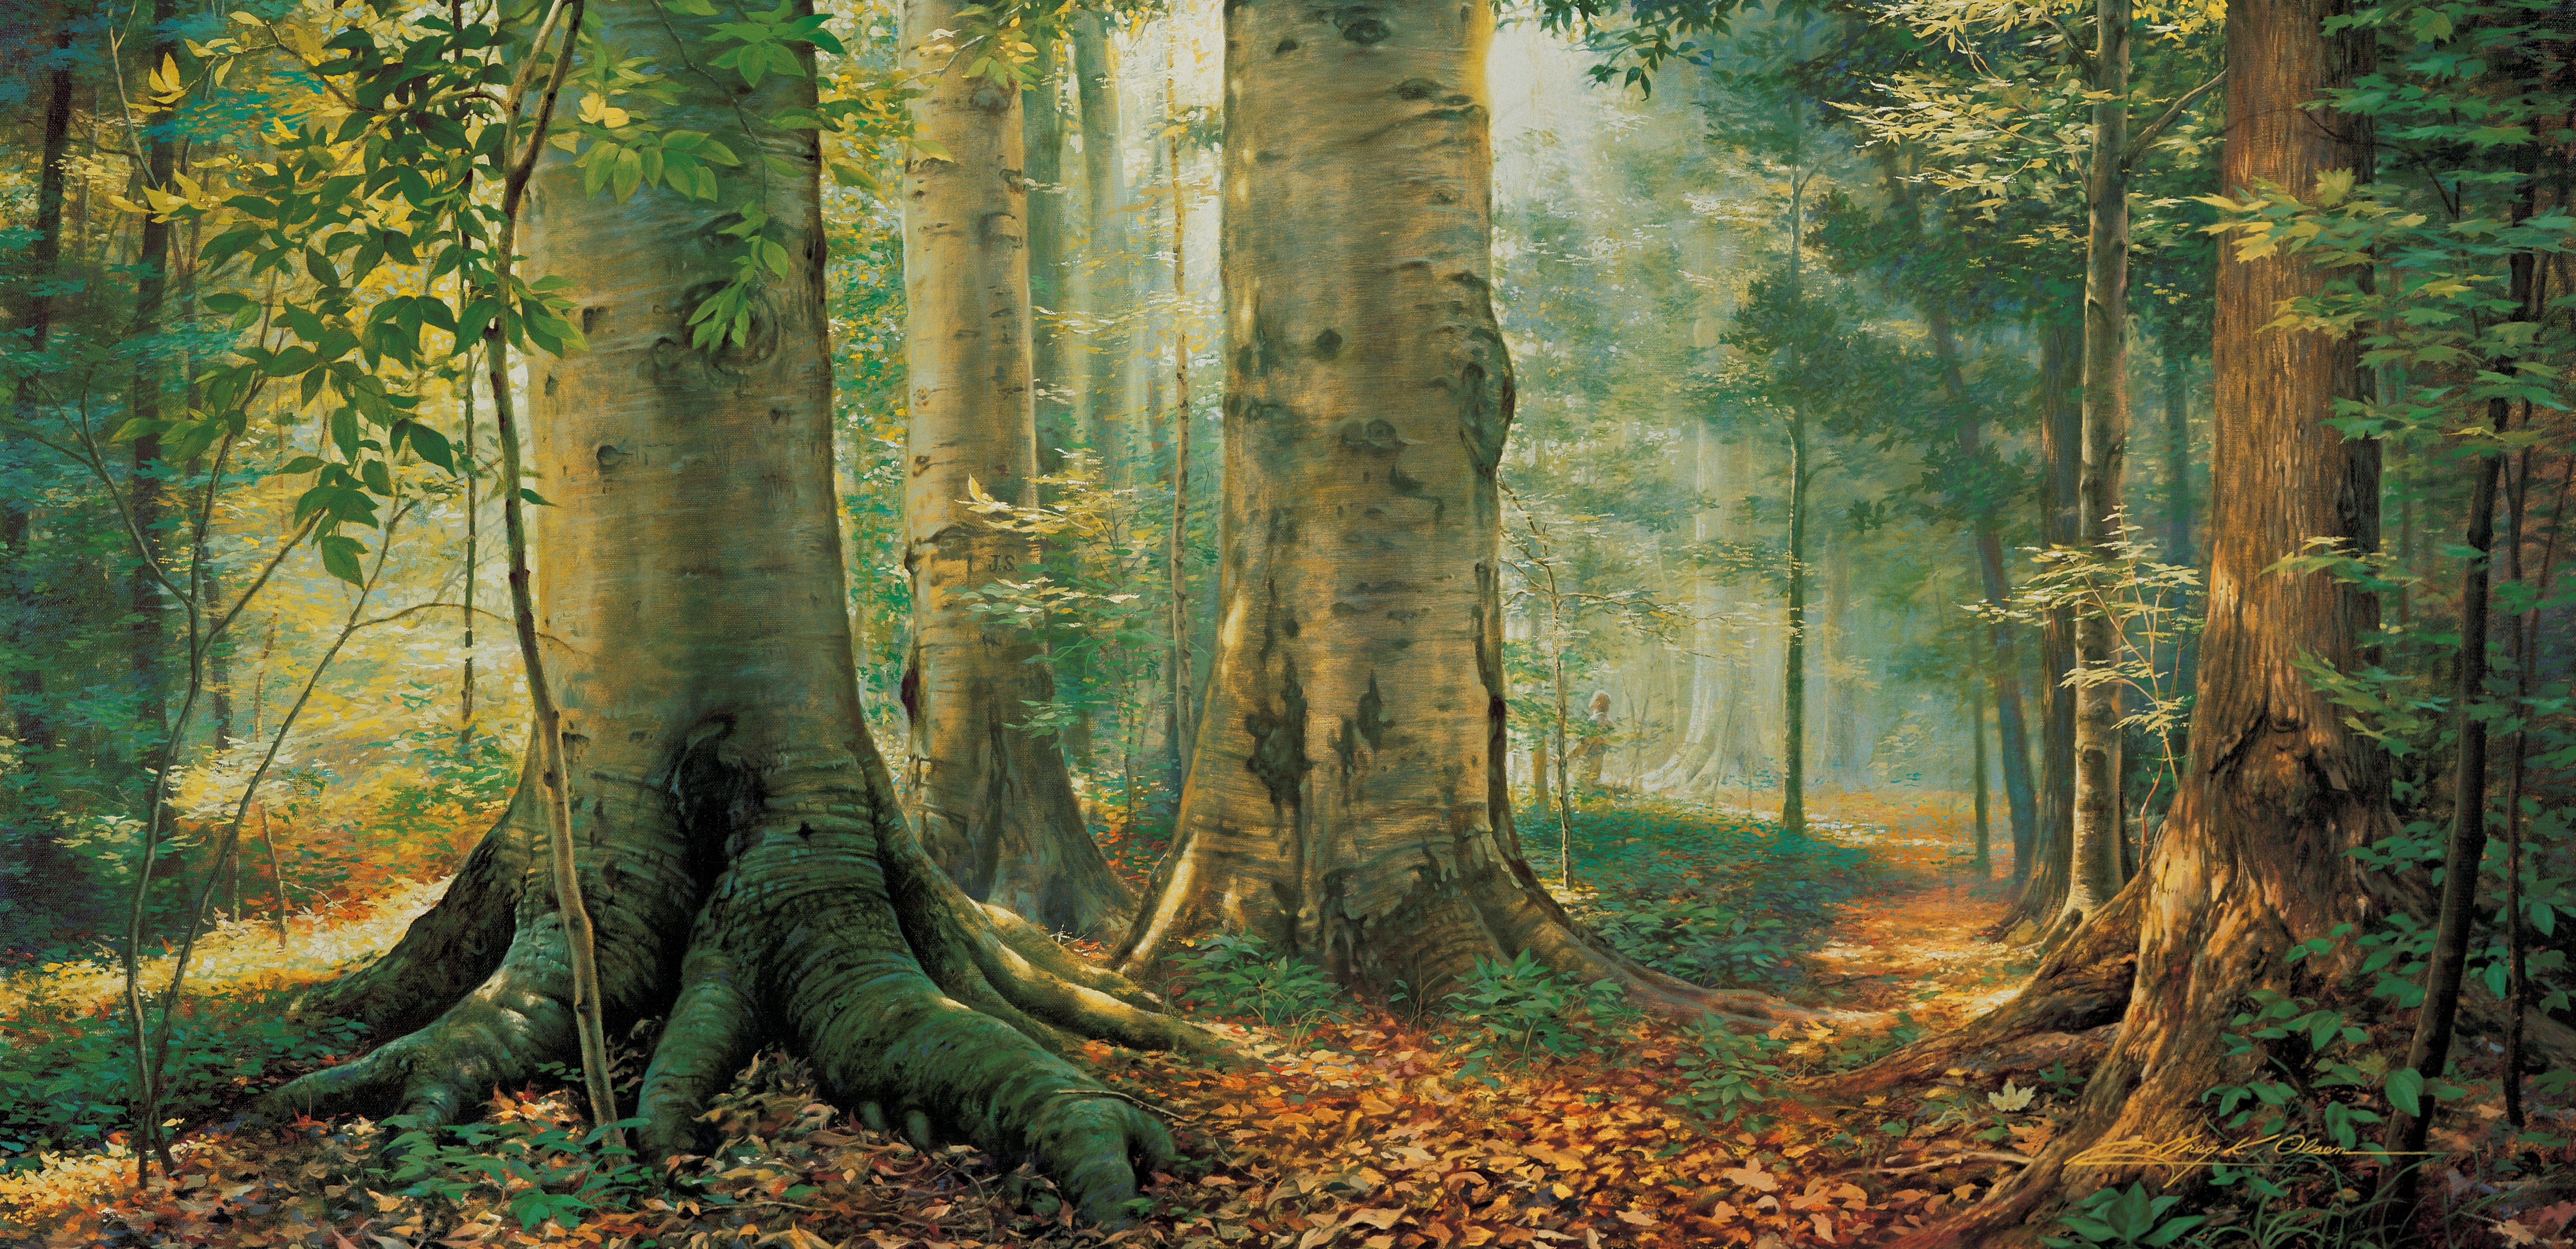 The Sacred Grove, by Greg K. Olsen.